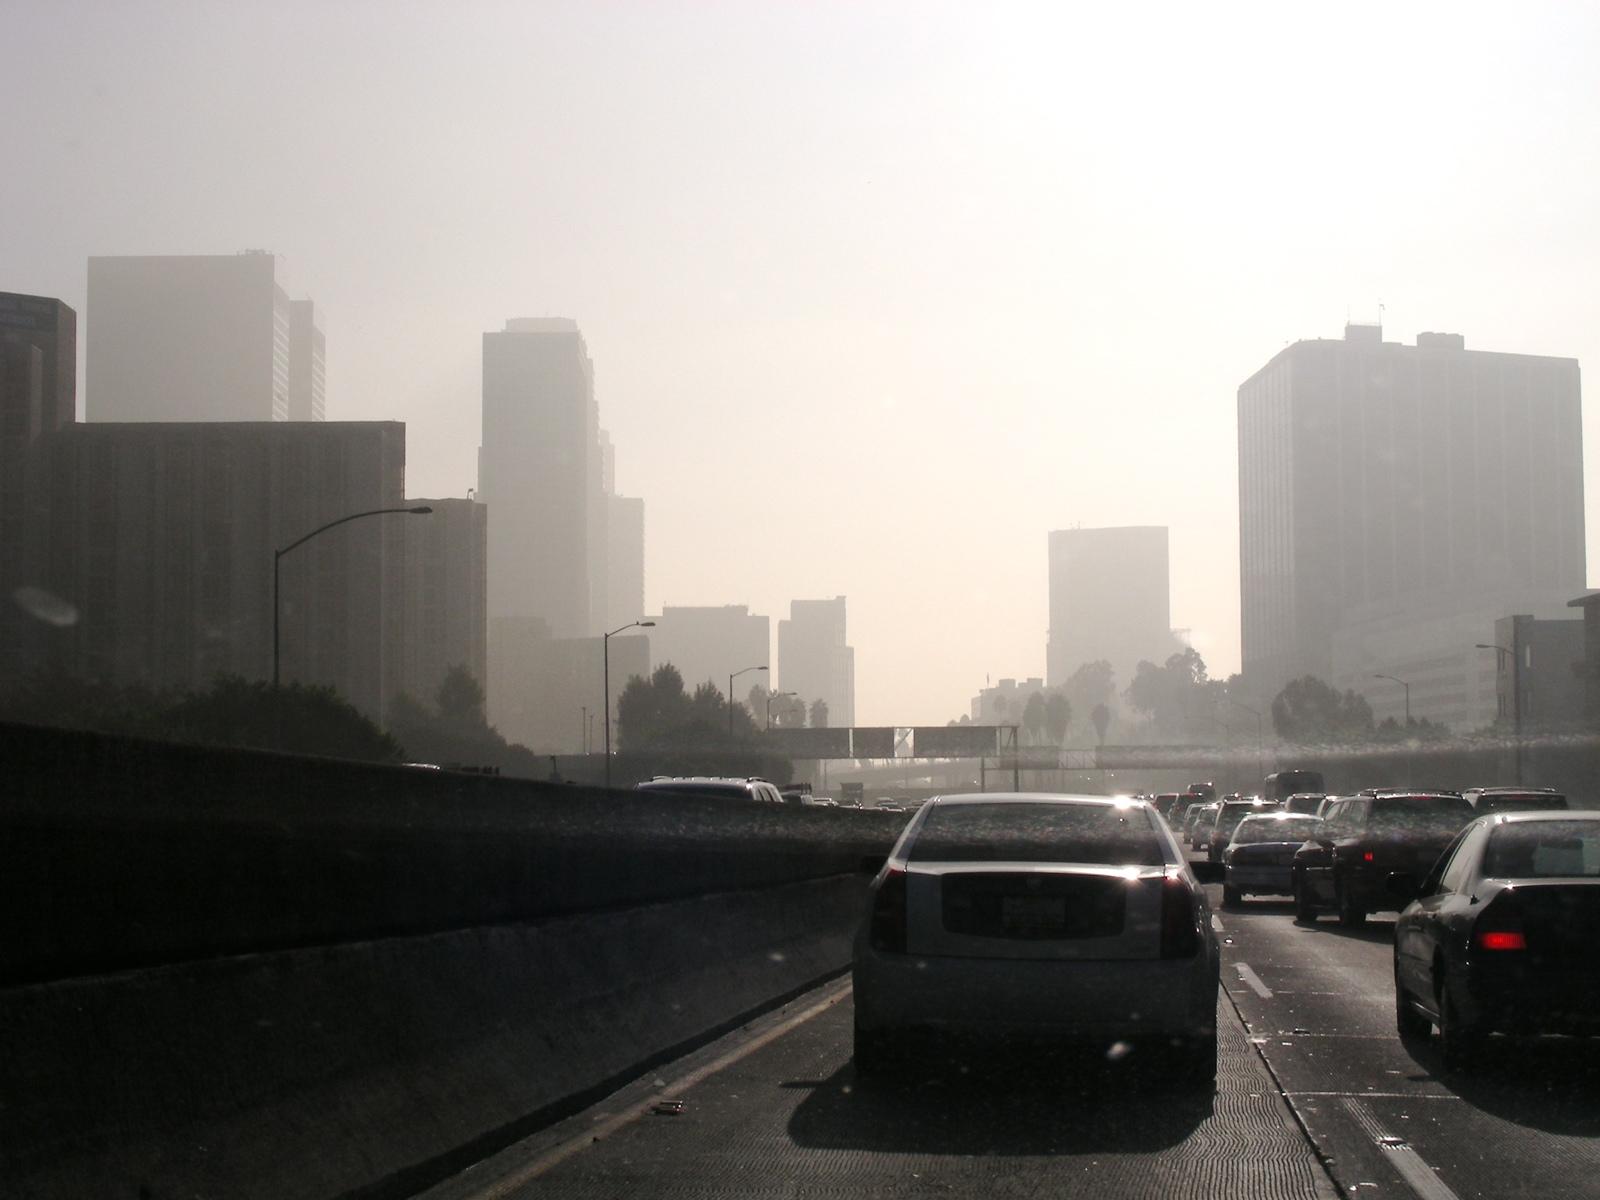 Polluted freeway scene in LA California